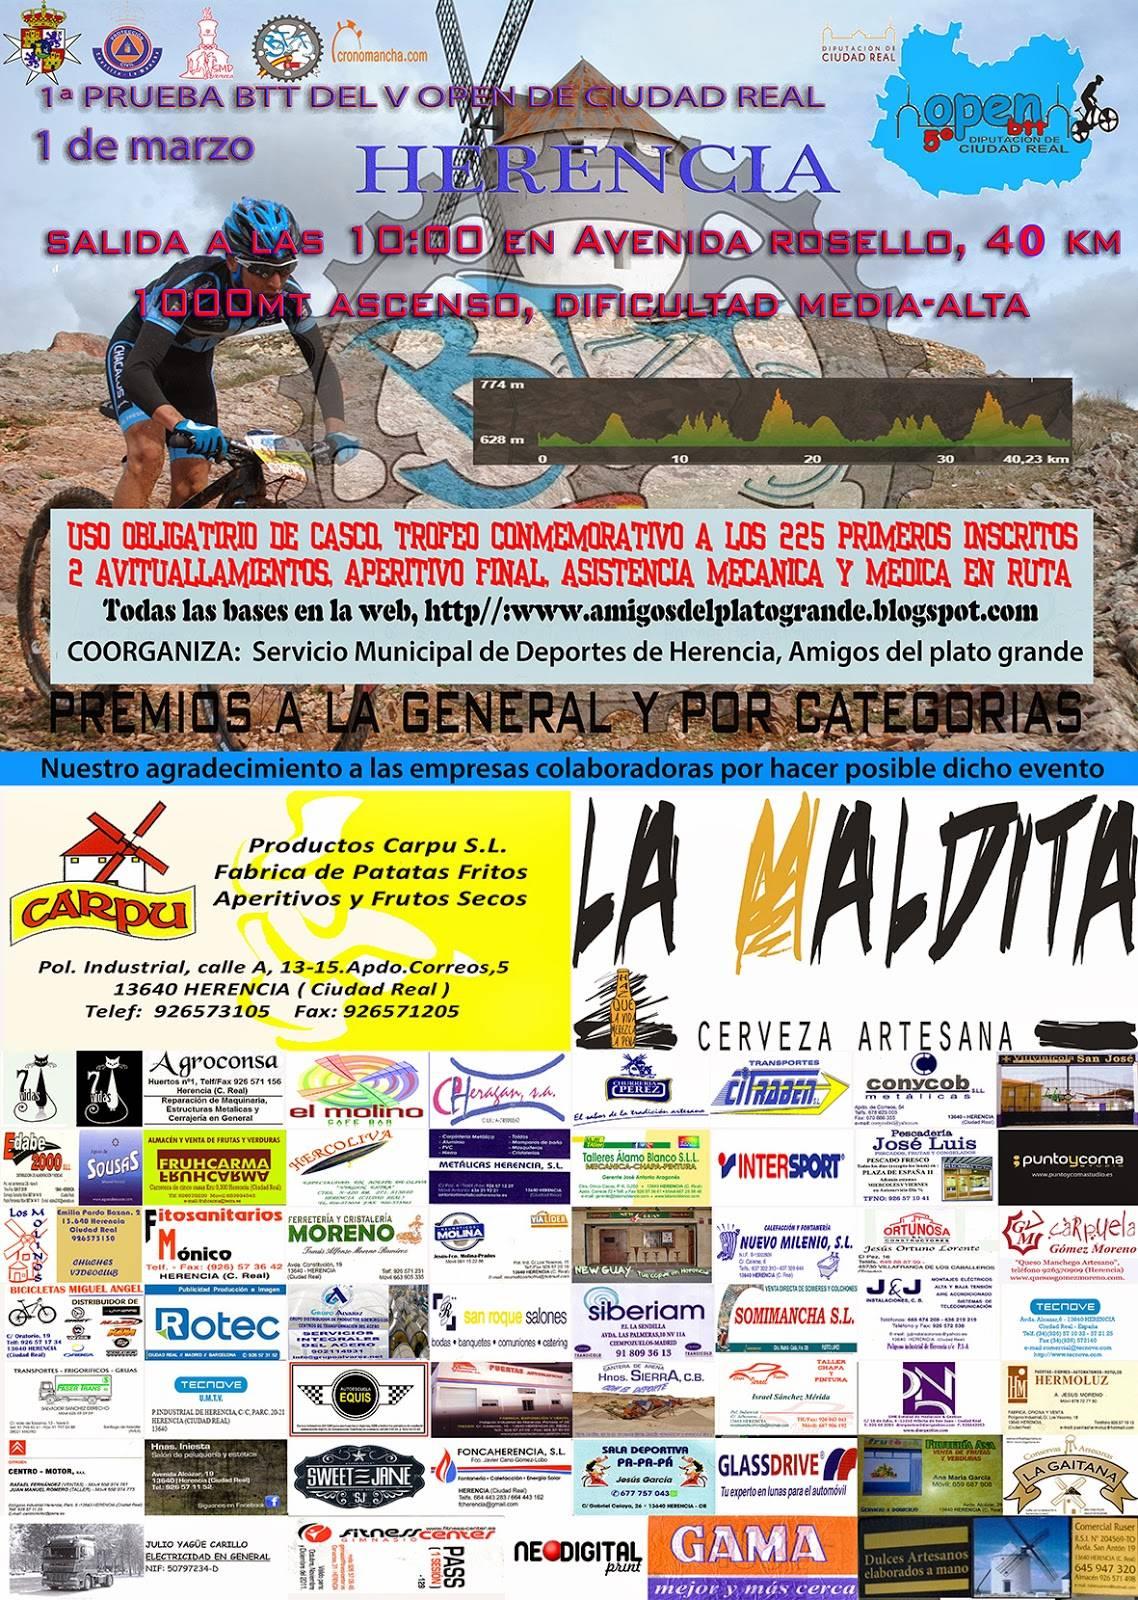 cartel open ciudad real en herencia - 1ª Prueba BTT del V Open de Ciudad Real en Herencia